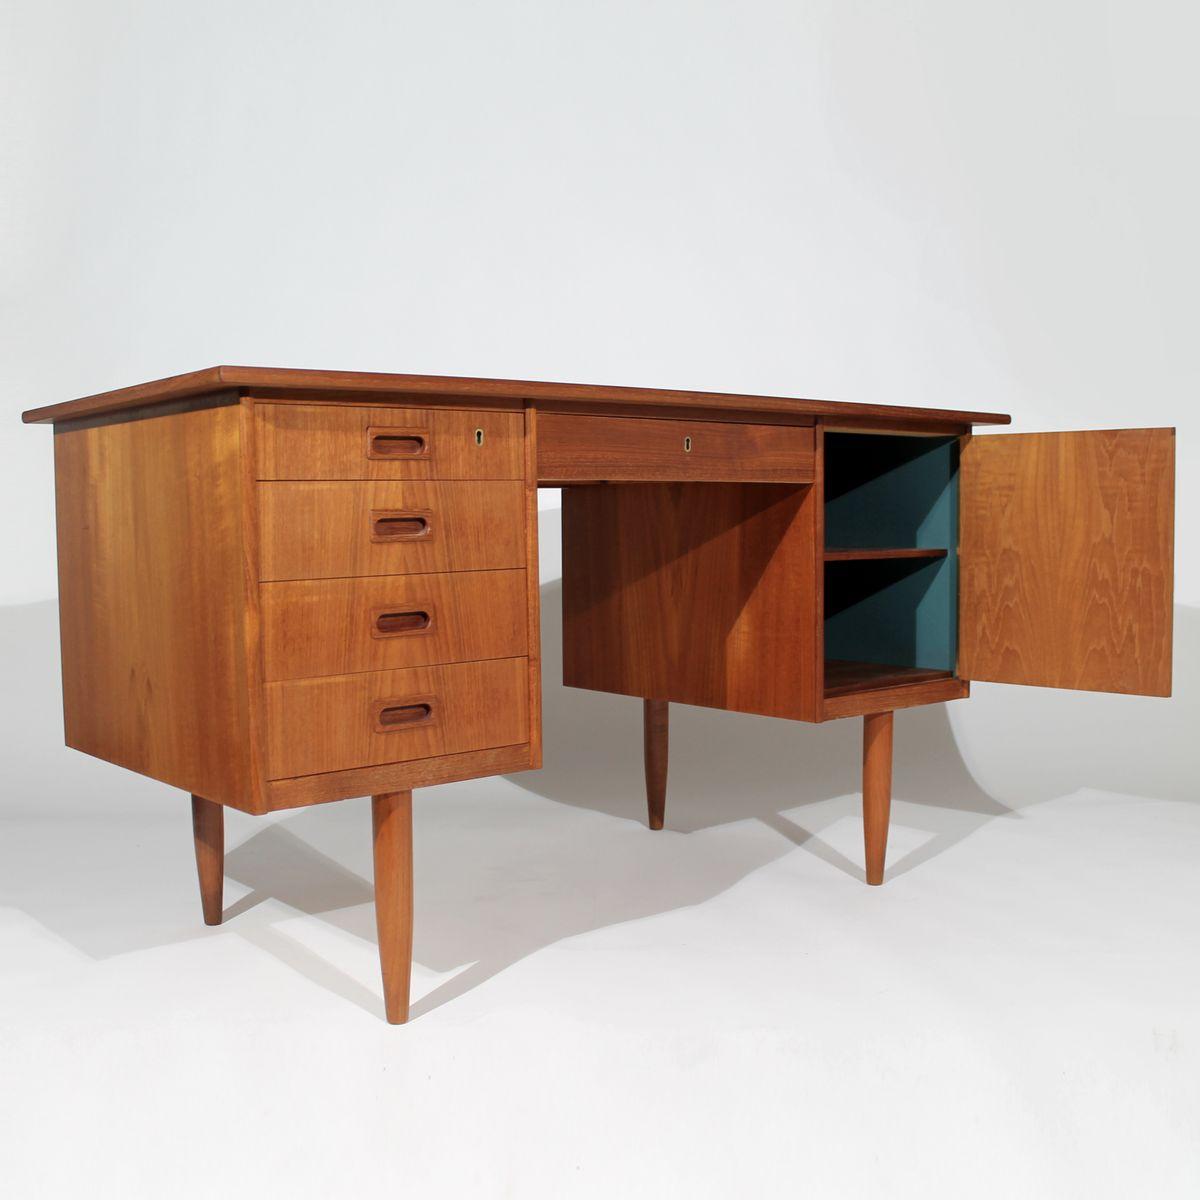 D nischer teak schreibtisch 1960er bei pamono kaufen for Schreibtisch 2 50 meter